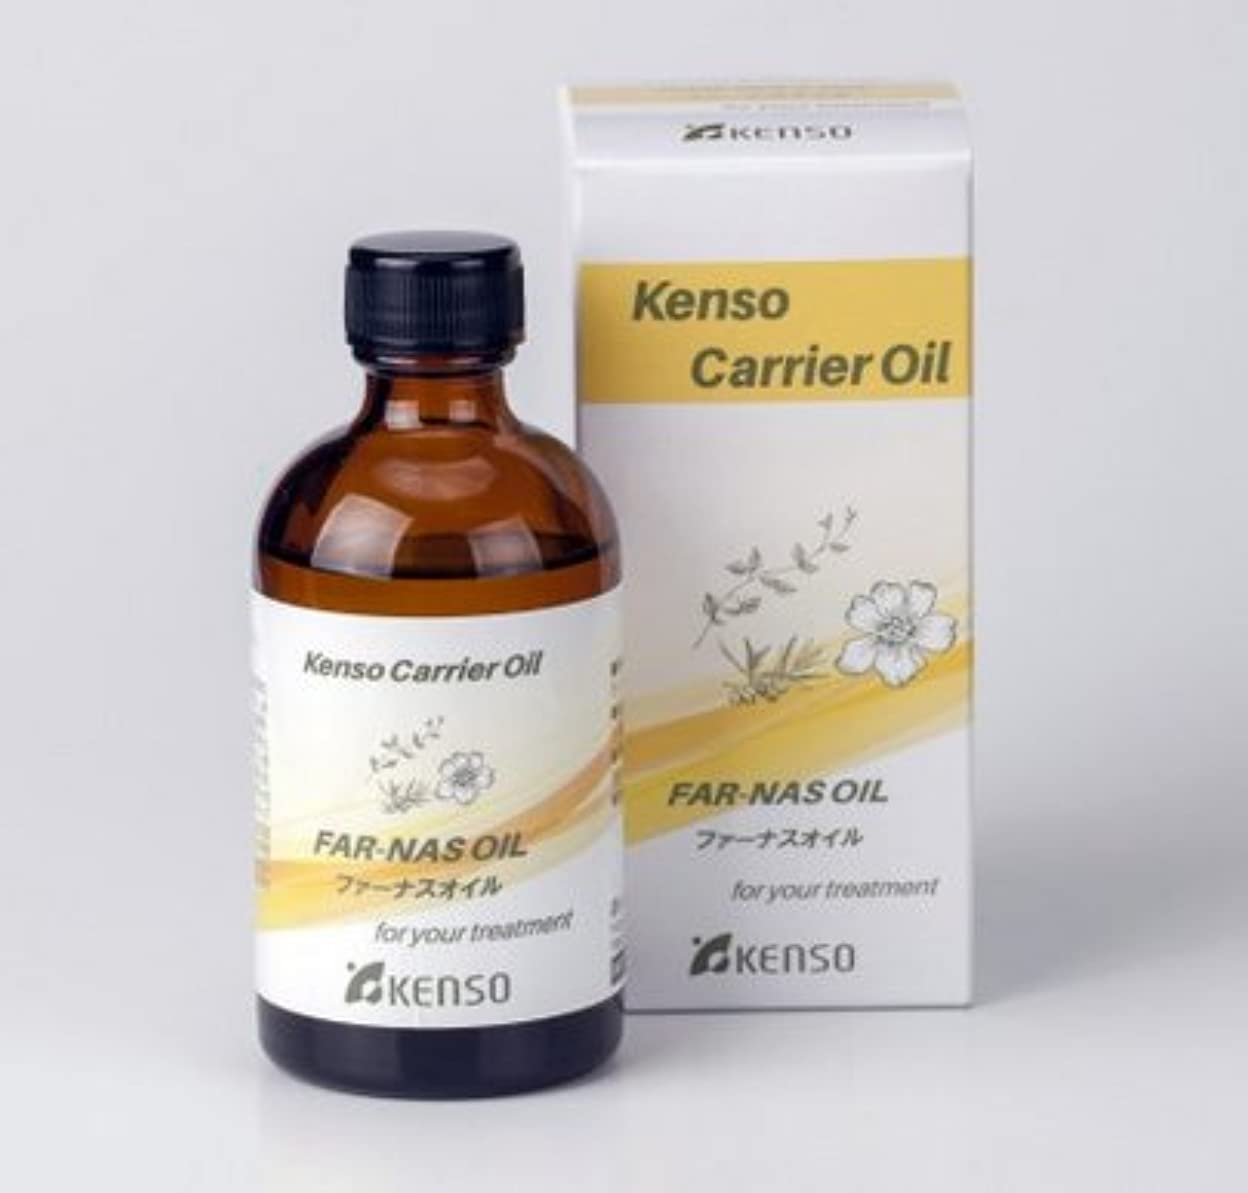 促す半島上院ファーナスオイル 100mlKENSOの植物油